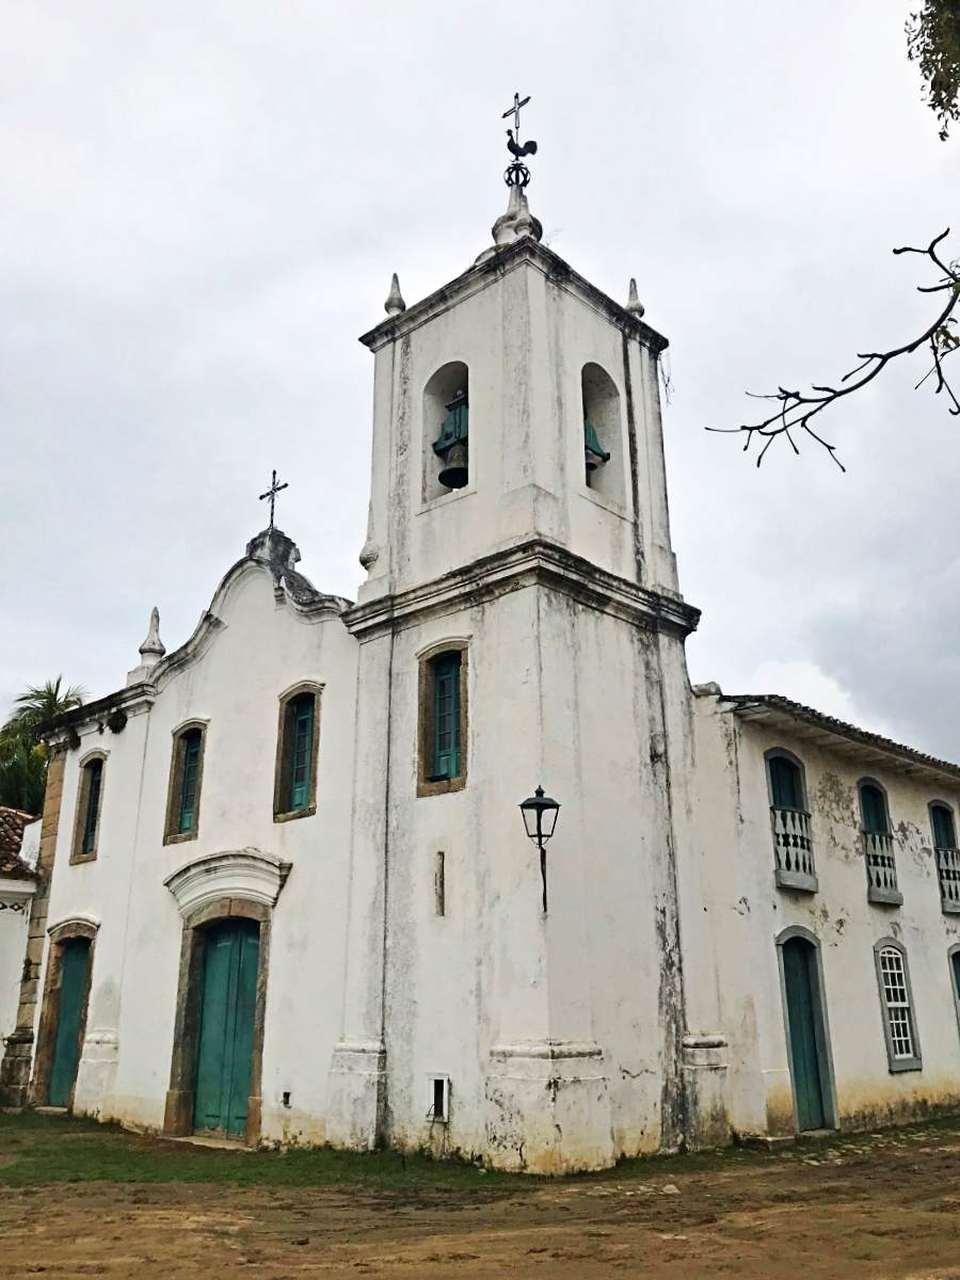 Capelinha - Igreja Nossa Senhora das Dores Paraty